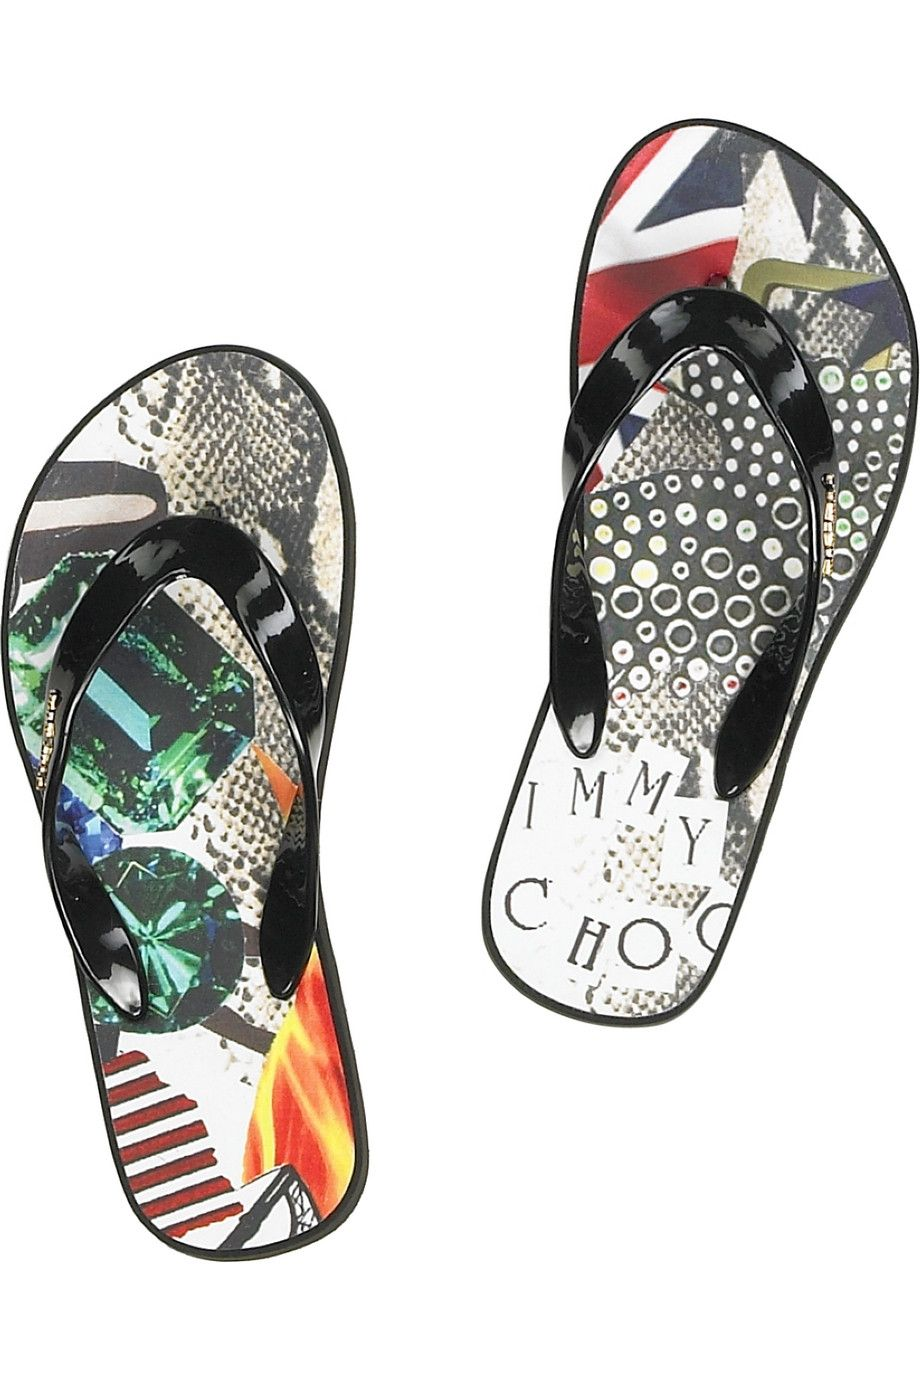 Jimmy Choo flip flops